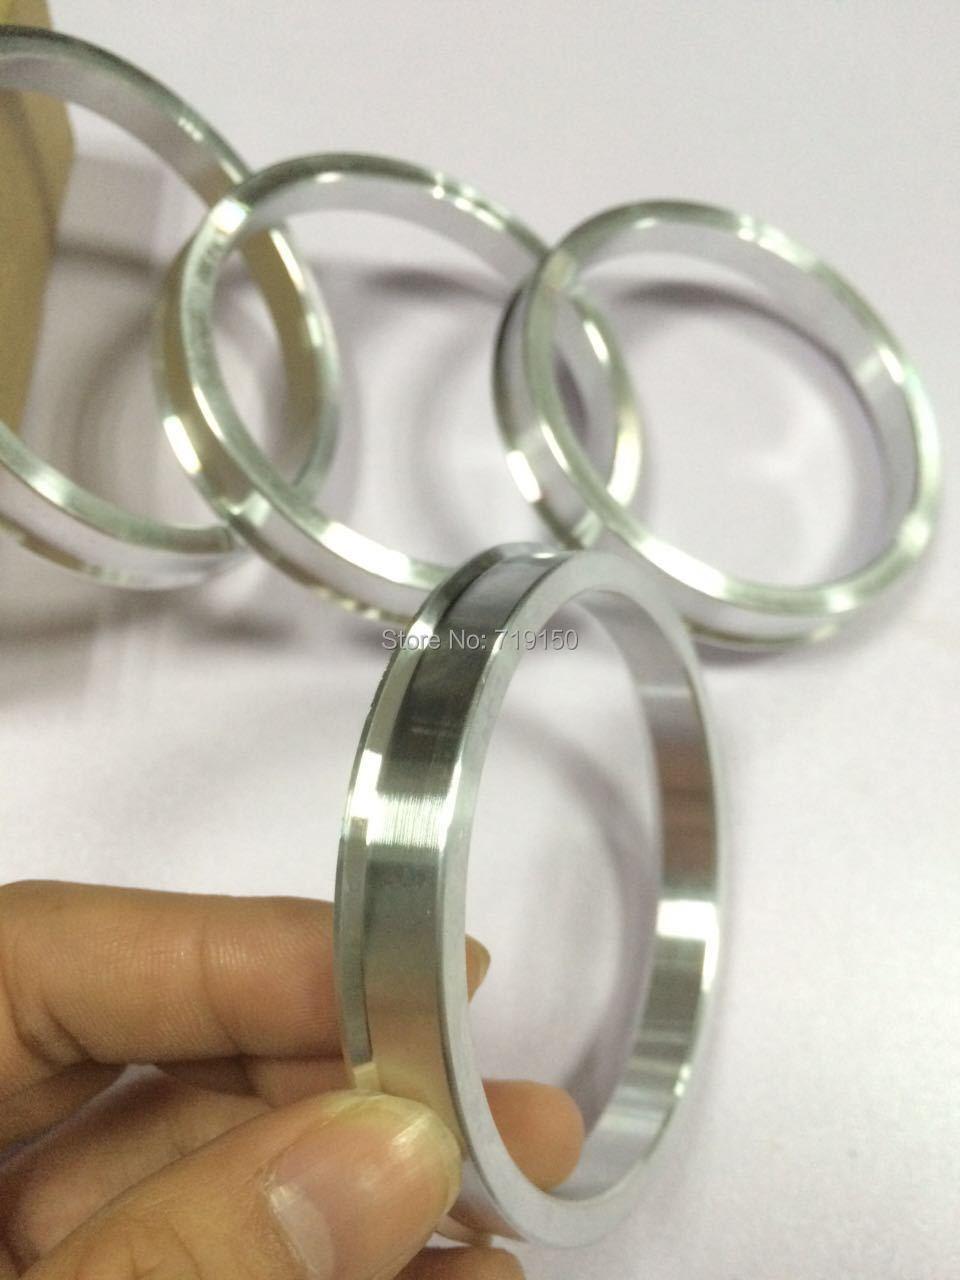 4gabali / partijas no 73.1 līdz 66.1 Rumbas centrālie gredzeni OD = 73.1mm ID = 66.1mm Alumīnija Riteņa rumbas gredzeni Bezmaksas piegāde